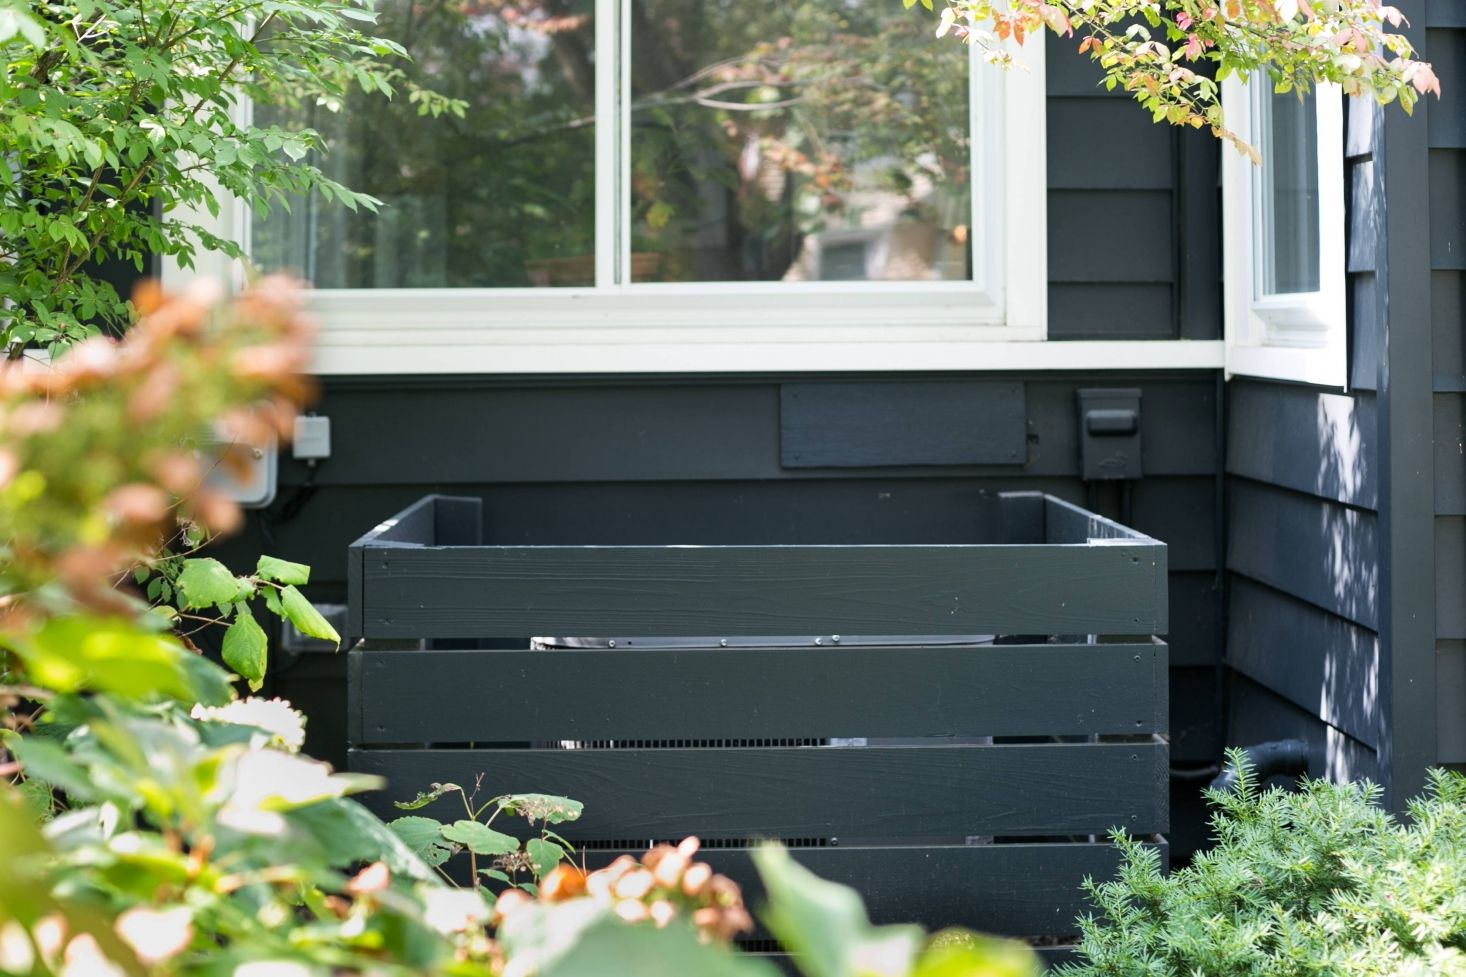 Garden Hacks 10 Genius Ideas to Hide the Air Conditioner